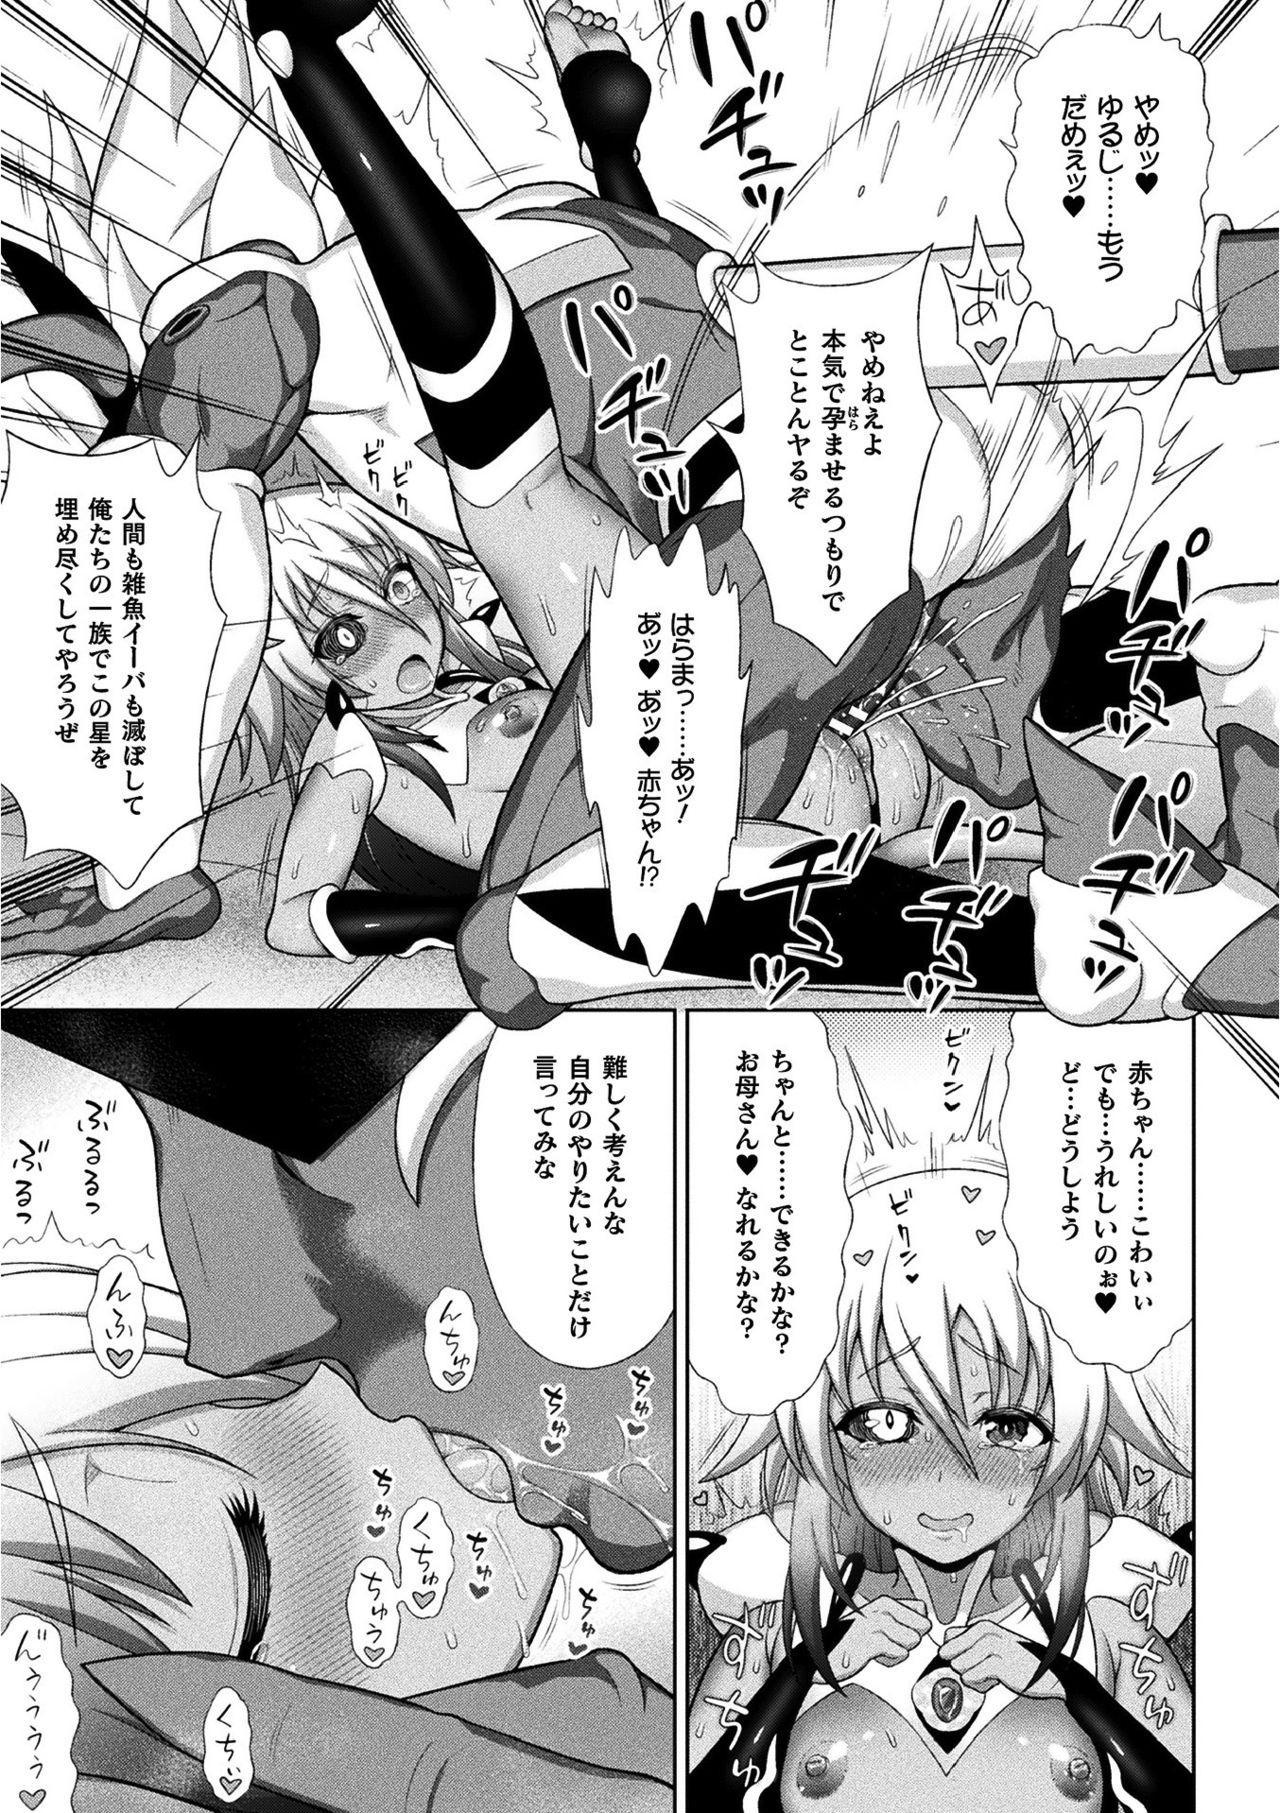 Kukkoro Heroines Vol. 12 22